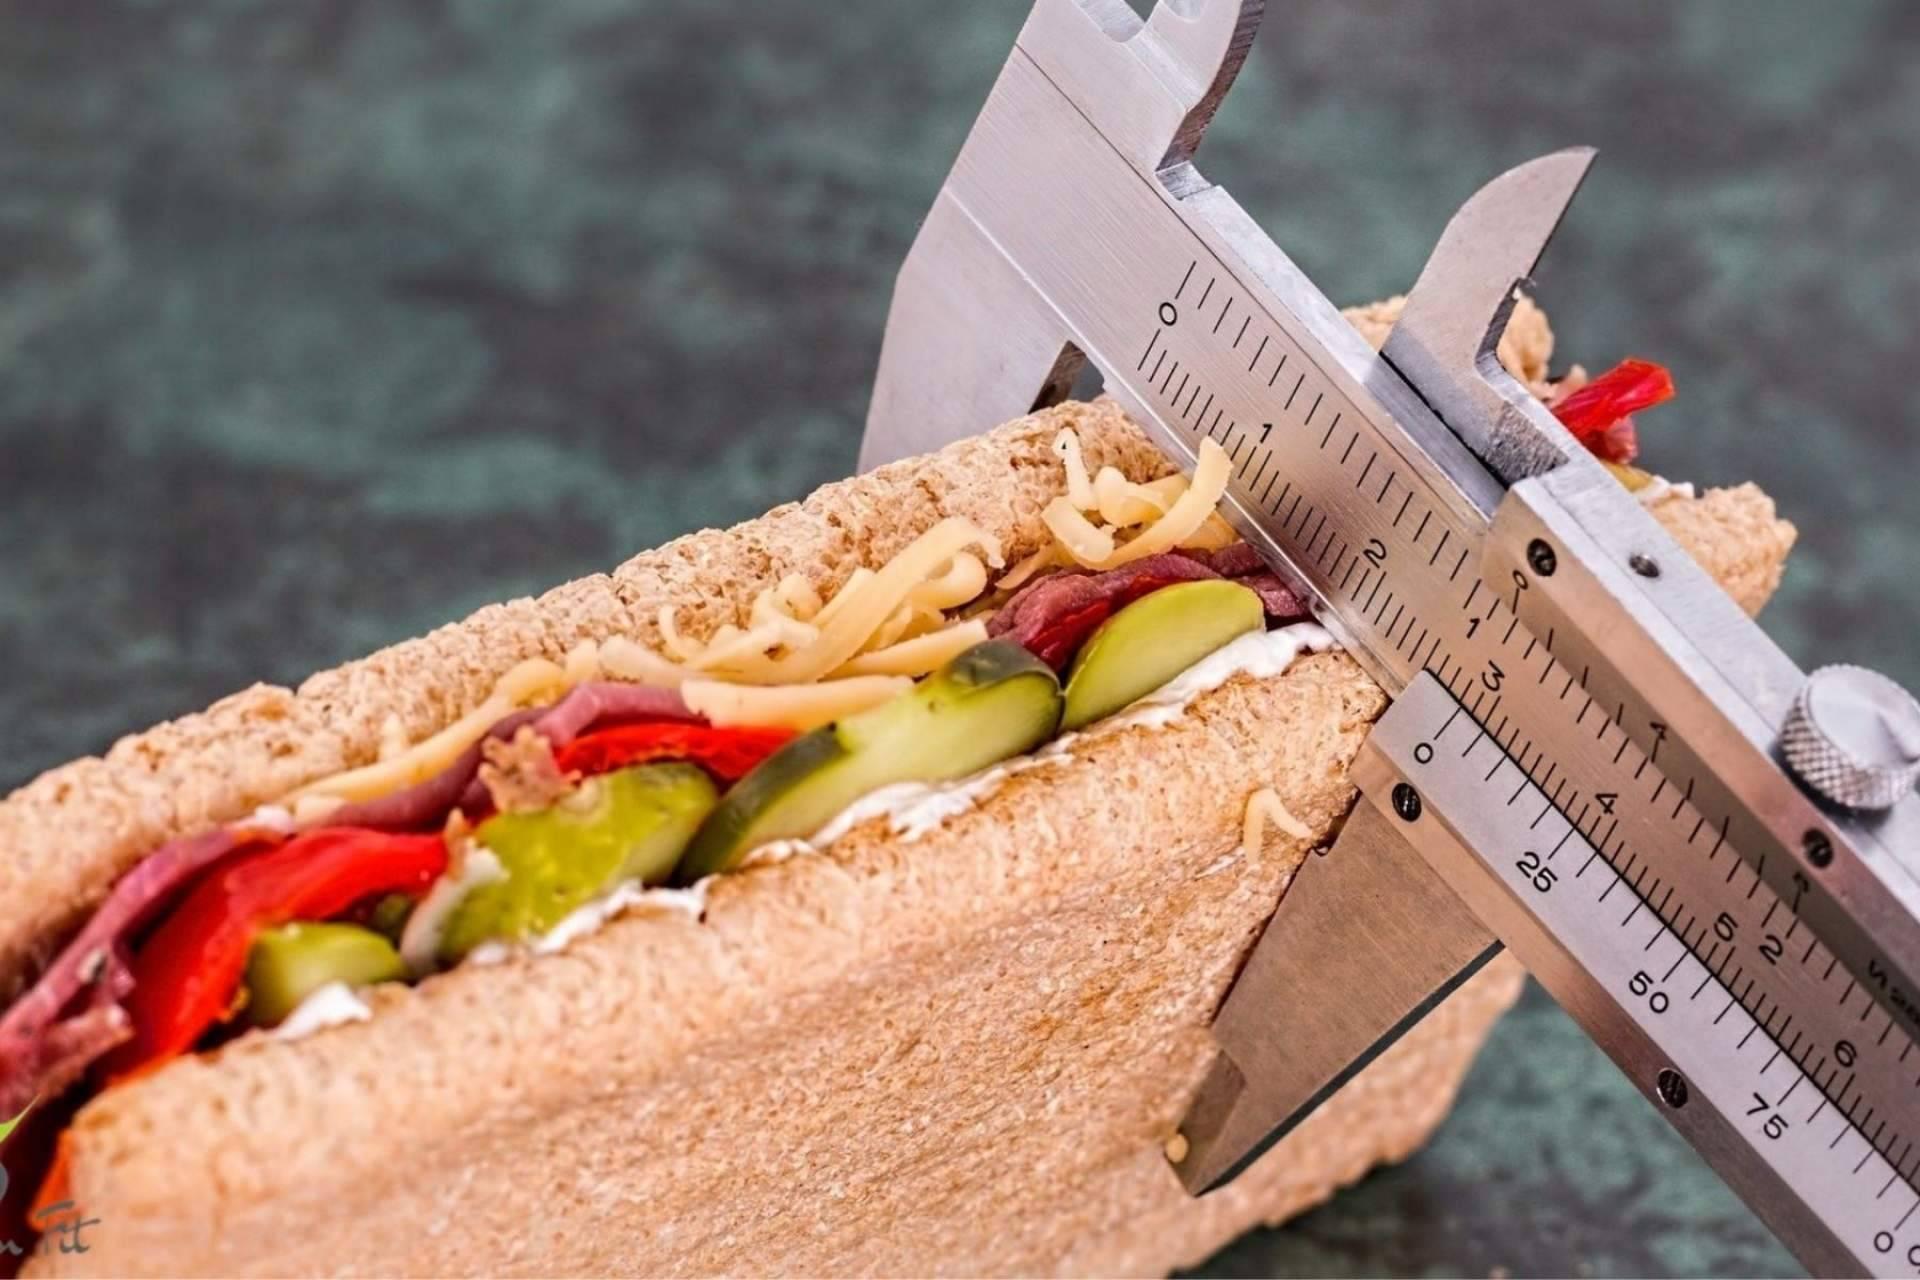 Bajar de peso y tener buena salud de la mano de NutriFitMarbella y su paquete de prueba Herbalife